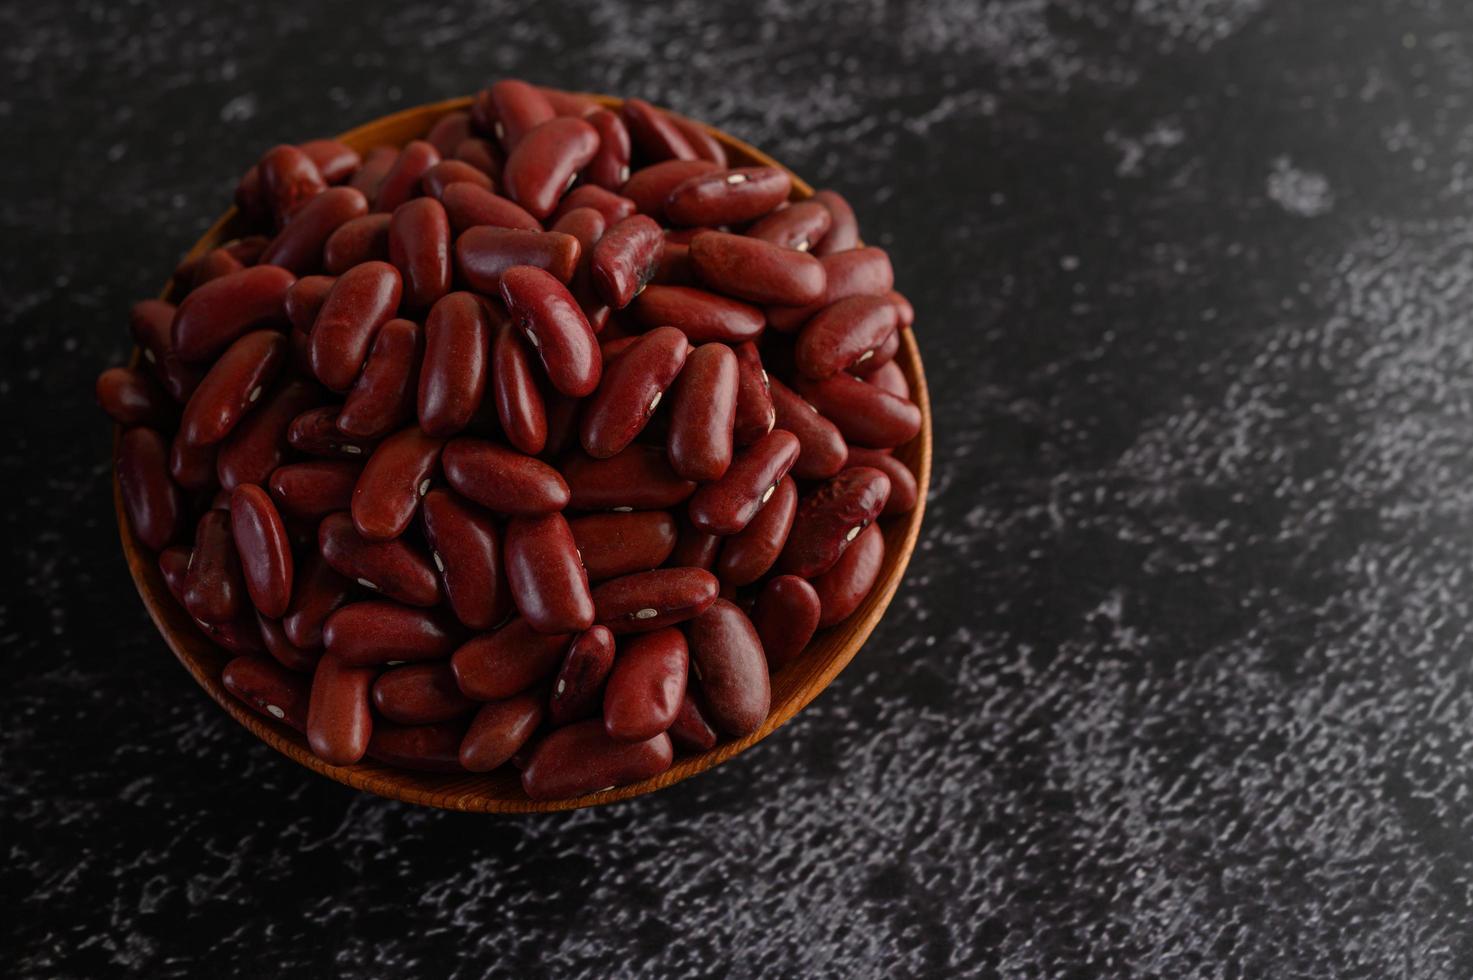 haricots rouges dans un bol en bois photo